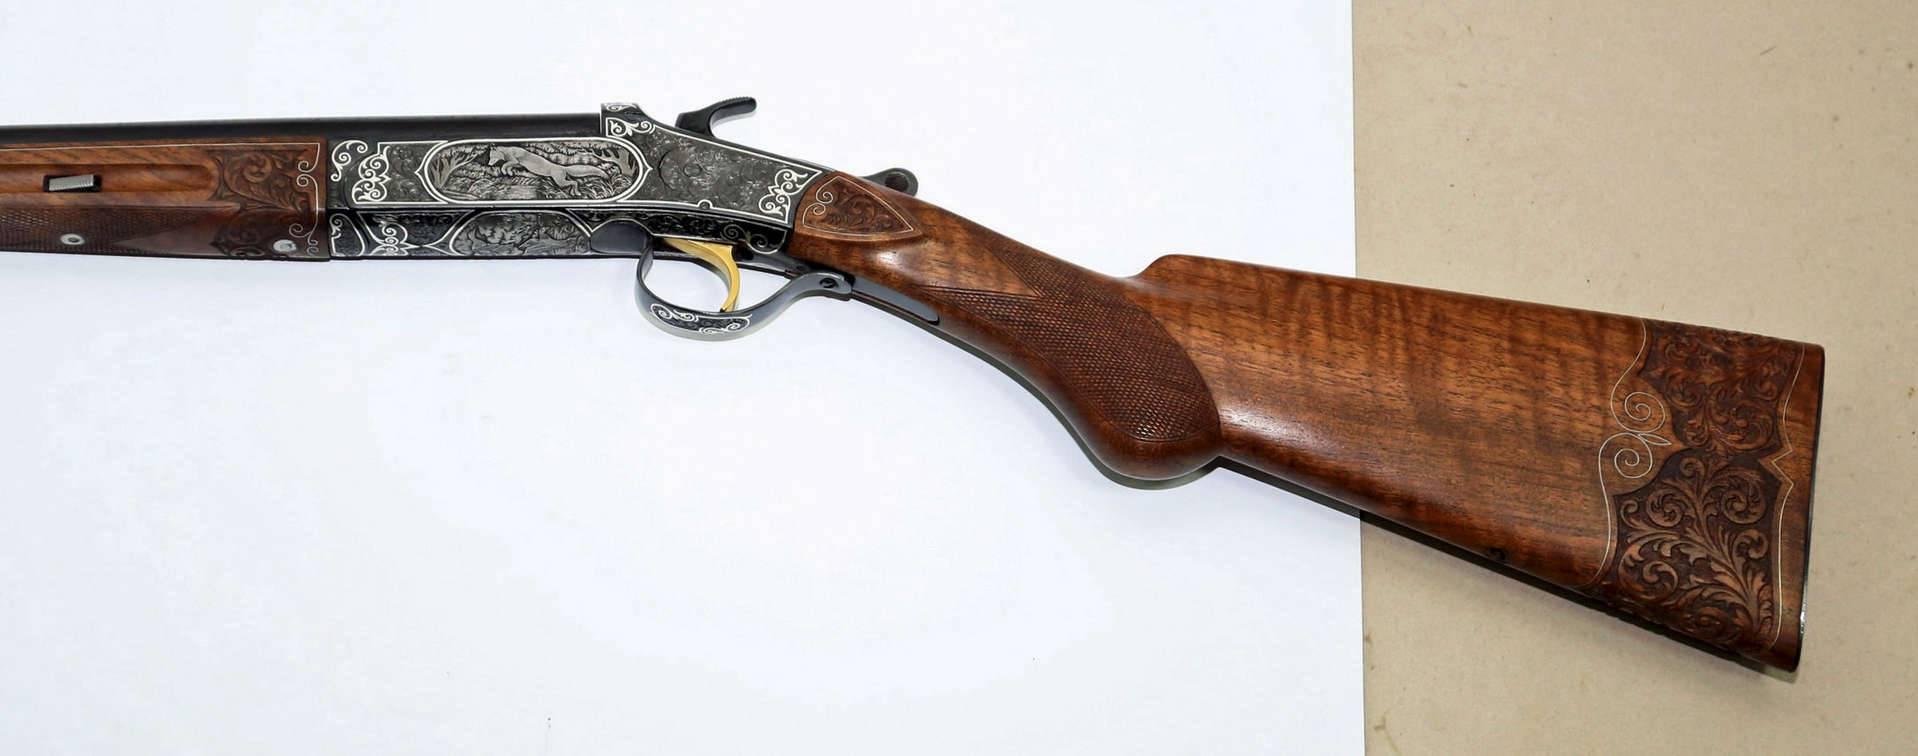 Охотничьи ружья: история развития от фитильных аркебуз до современных моделей. огнестрельное оружие второй половины xix века